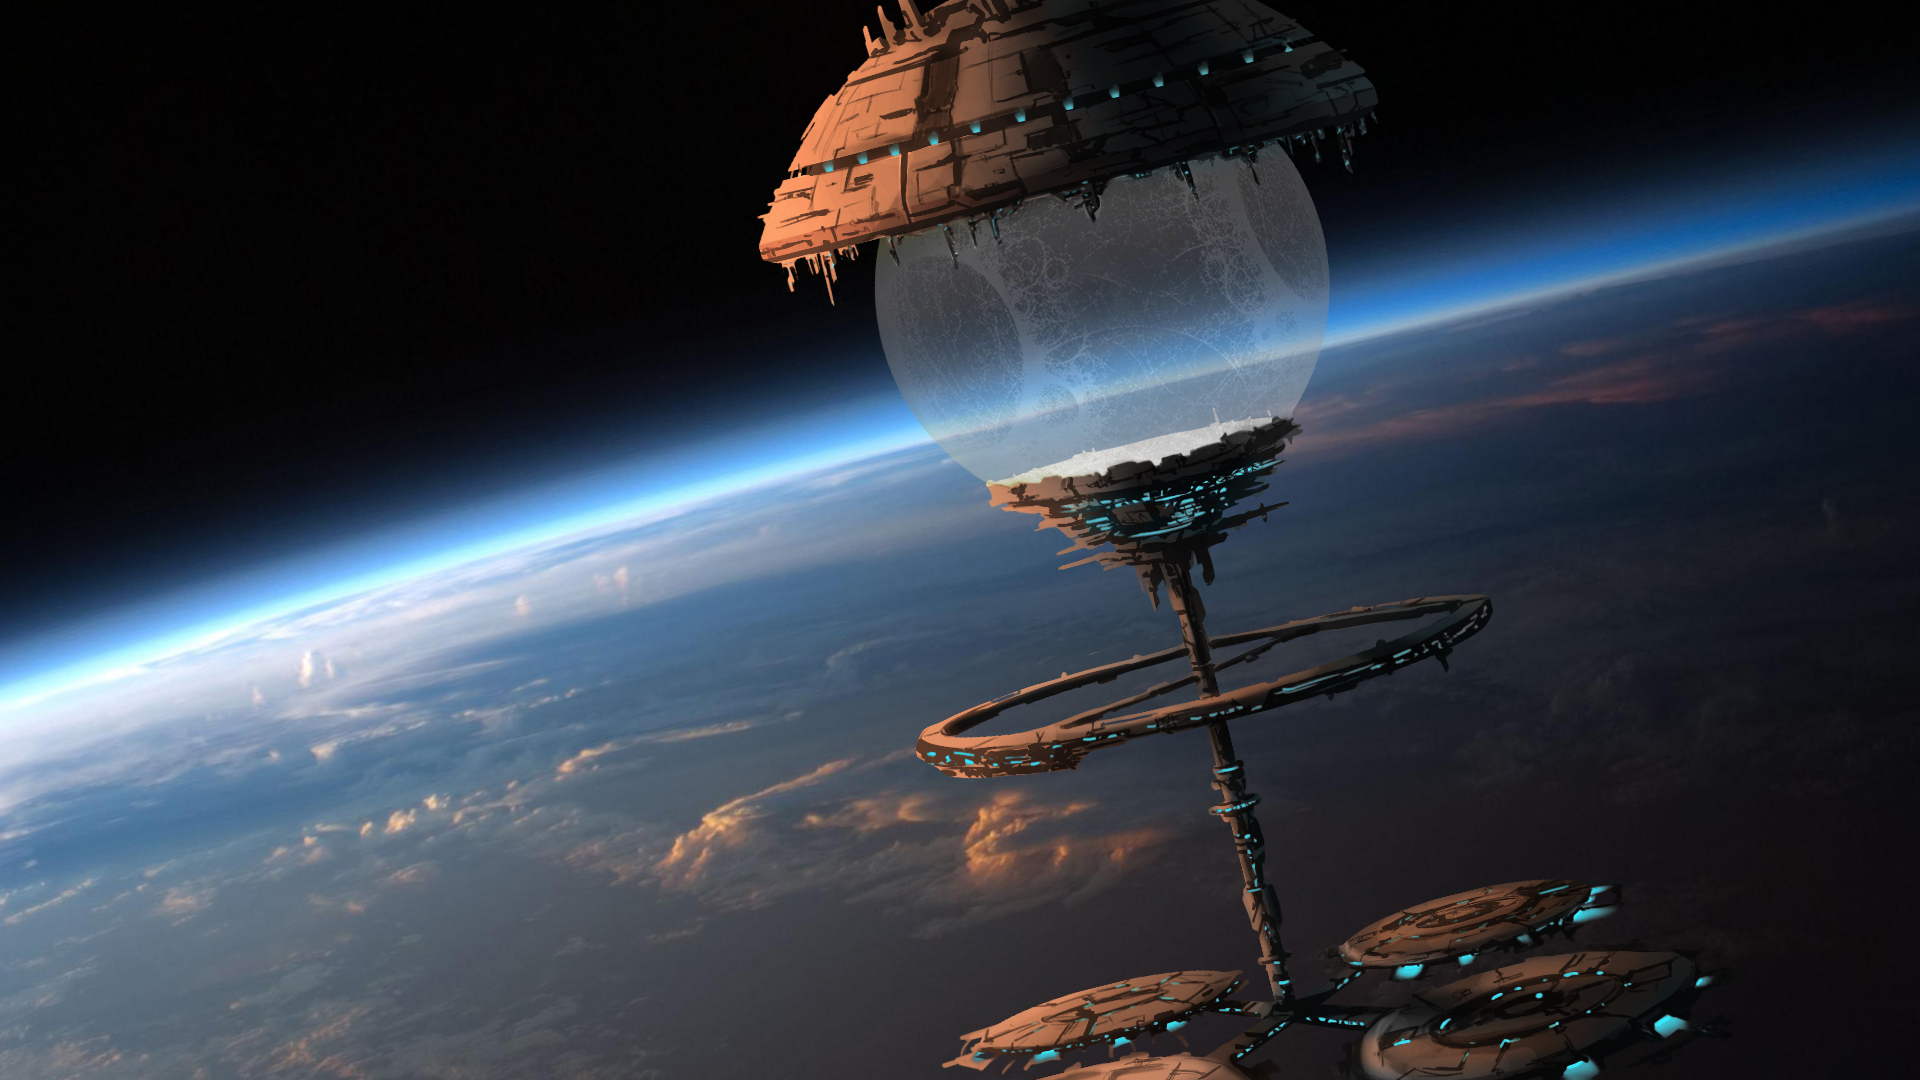 Hd Sci Fi Wallpapers 1080p Wallpapersafari